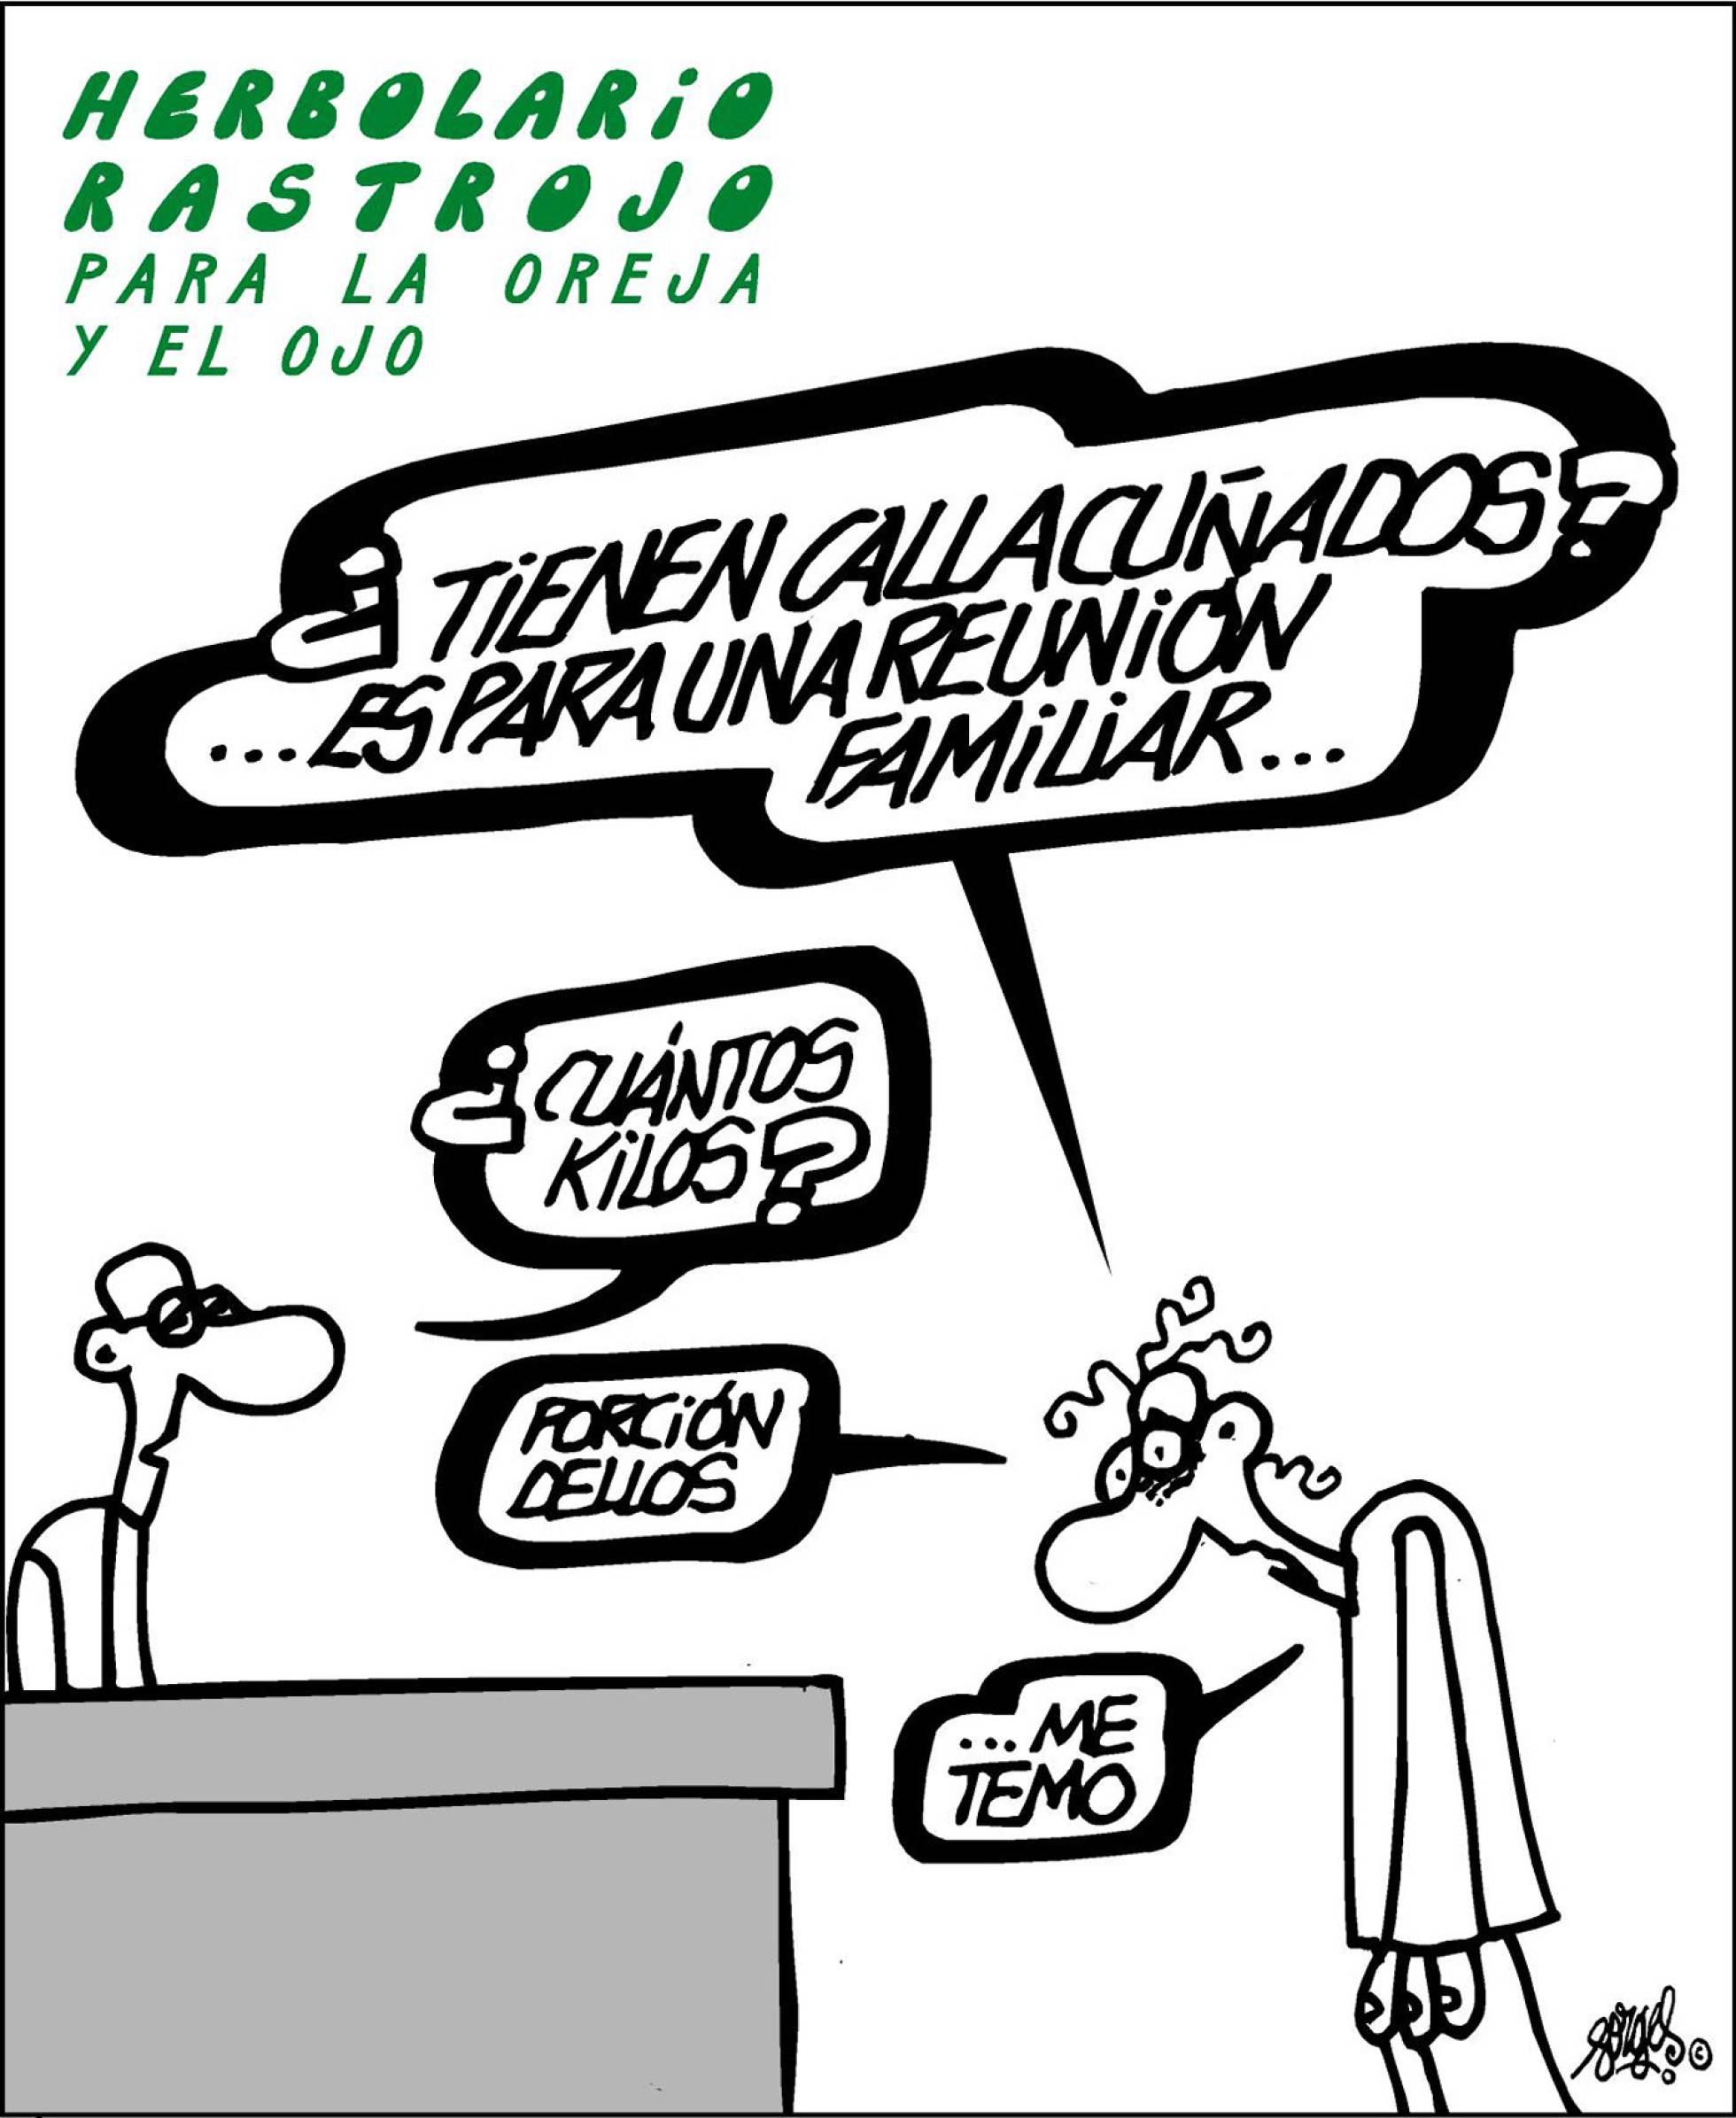 Forges: Comprando Callacuñados -- El País 20/07/2017